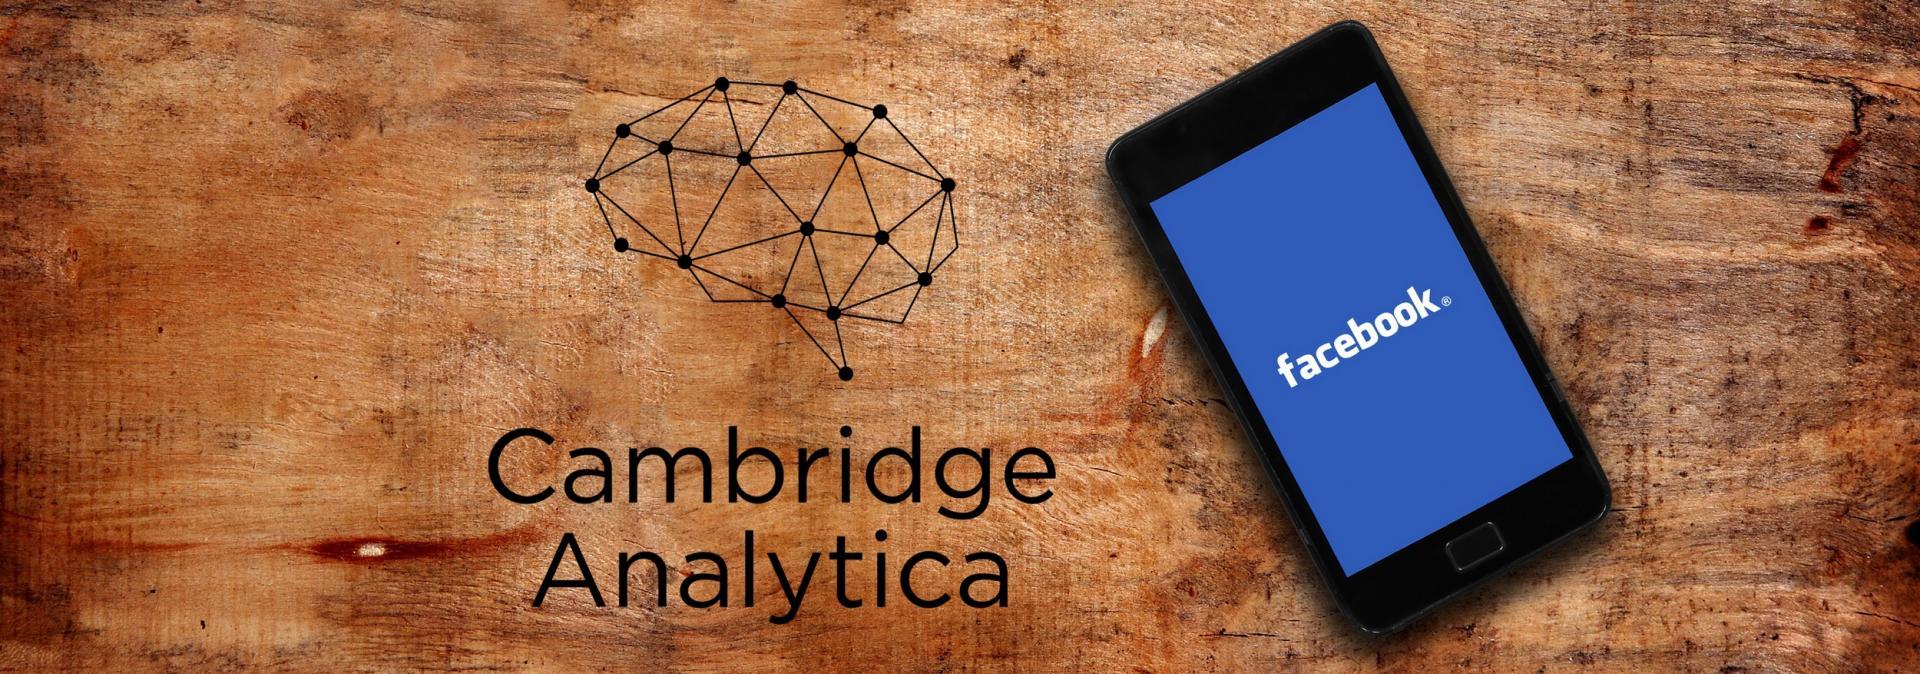 Facebook: scandalo Cambridge Analytica e crollo in borsa